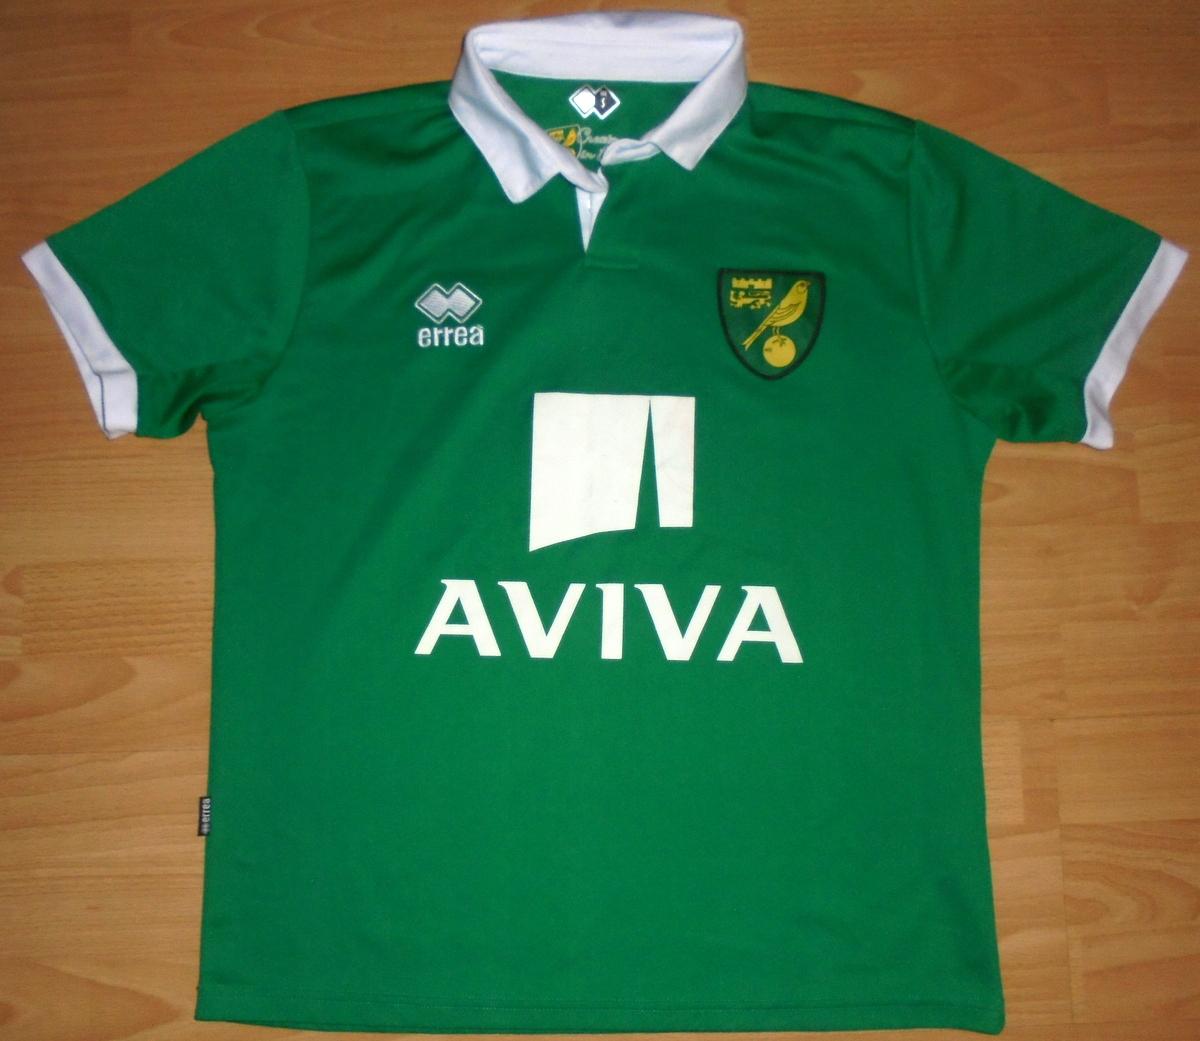 Koszulka Norwich City Errea S/M 2011/12